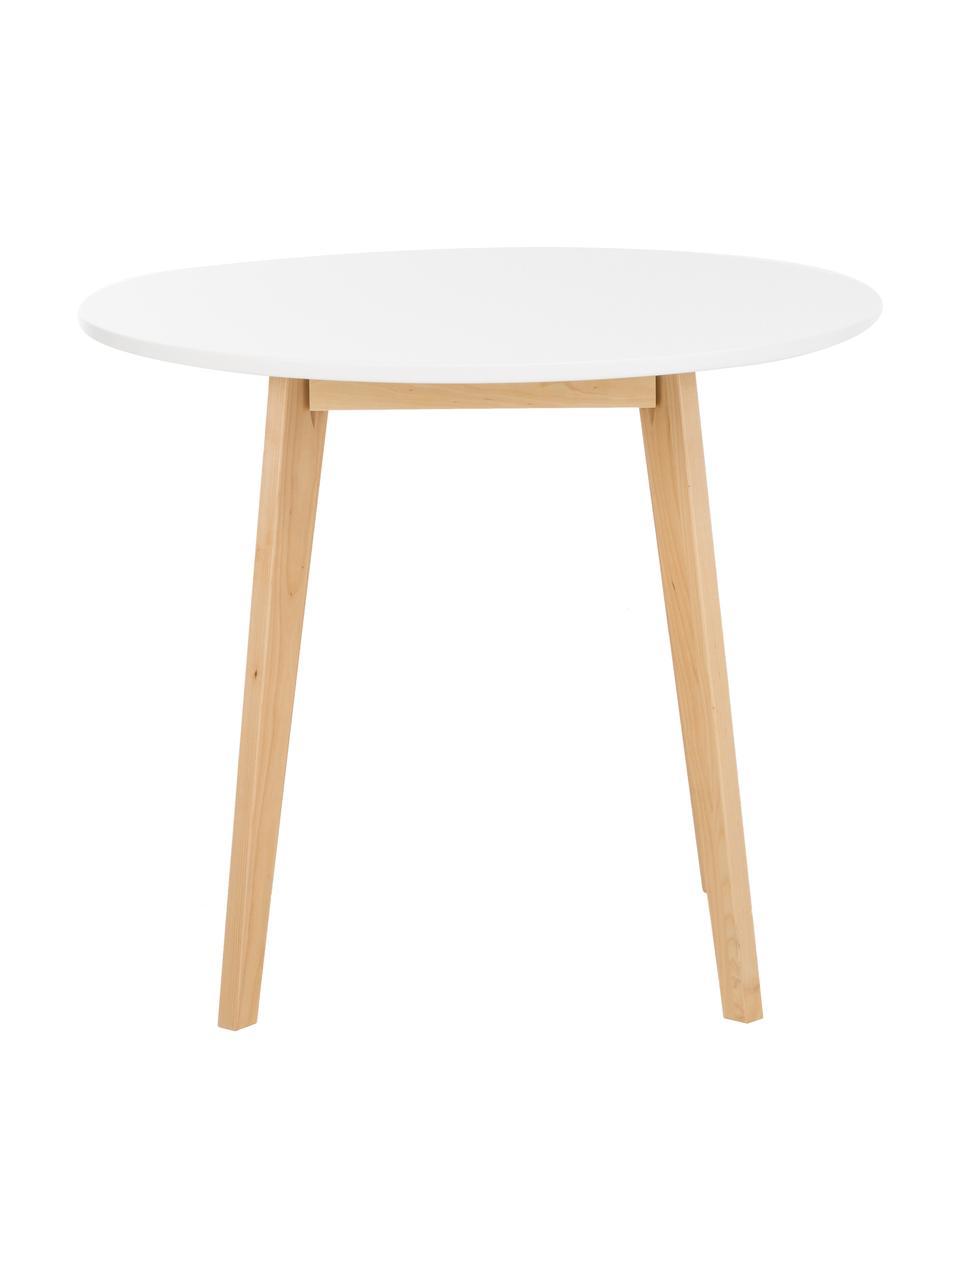 Petite table ronde scandinave Raven, Ø 90 cm, Blanc, bois de bouleau, matière brute